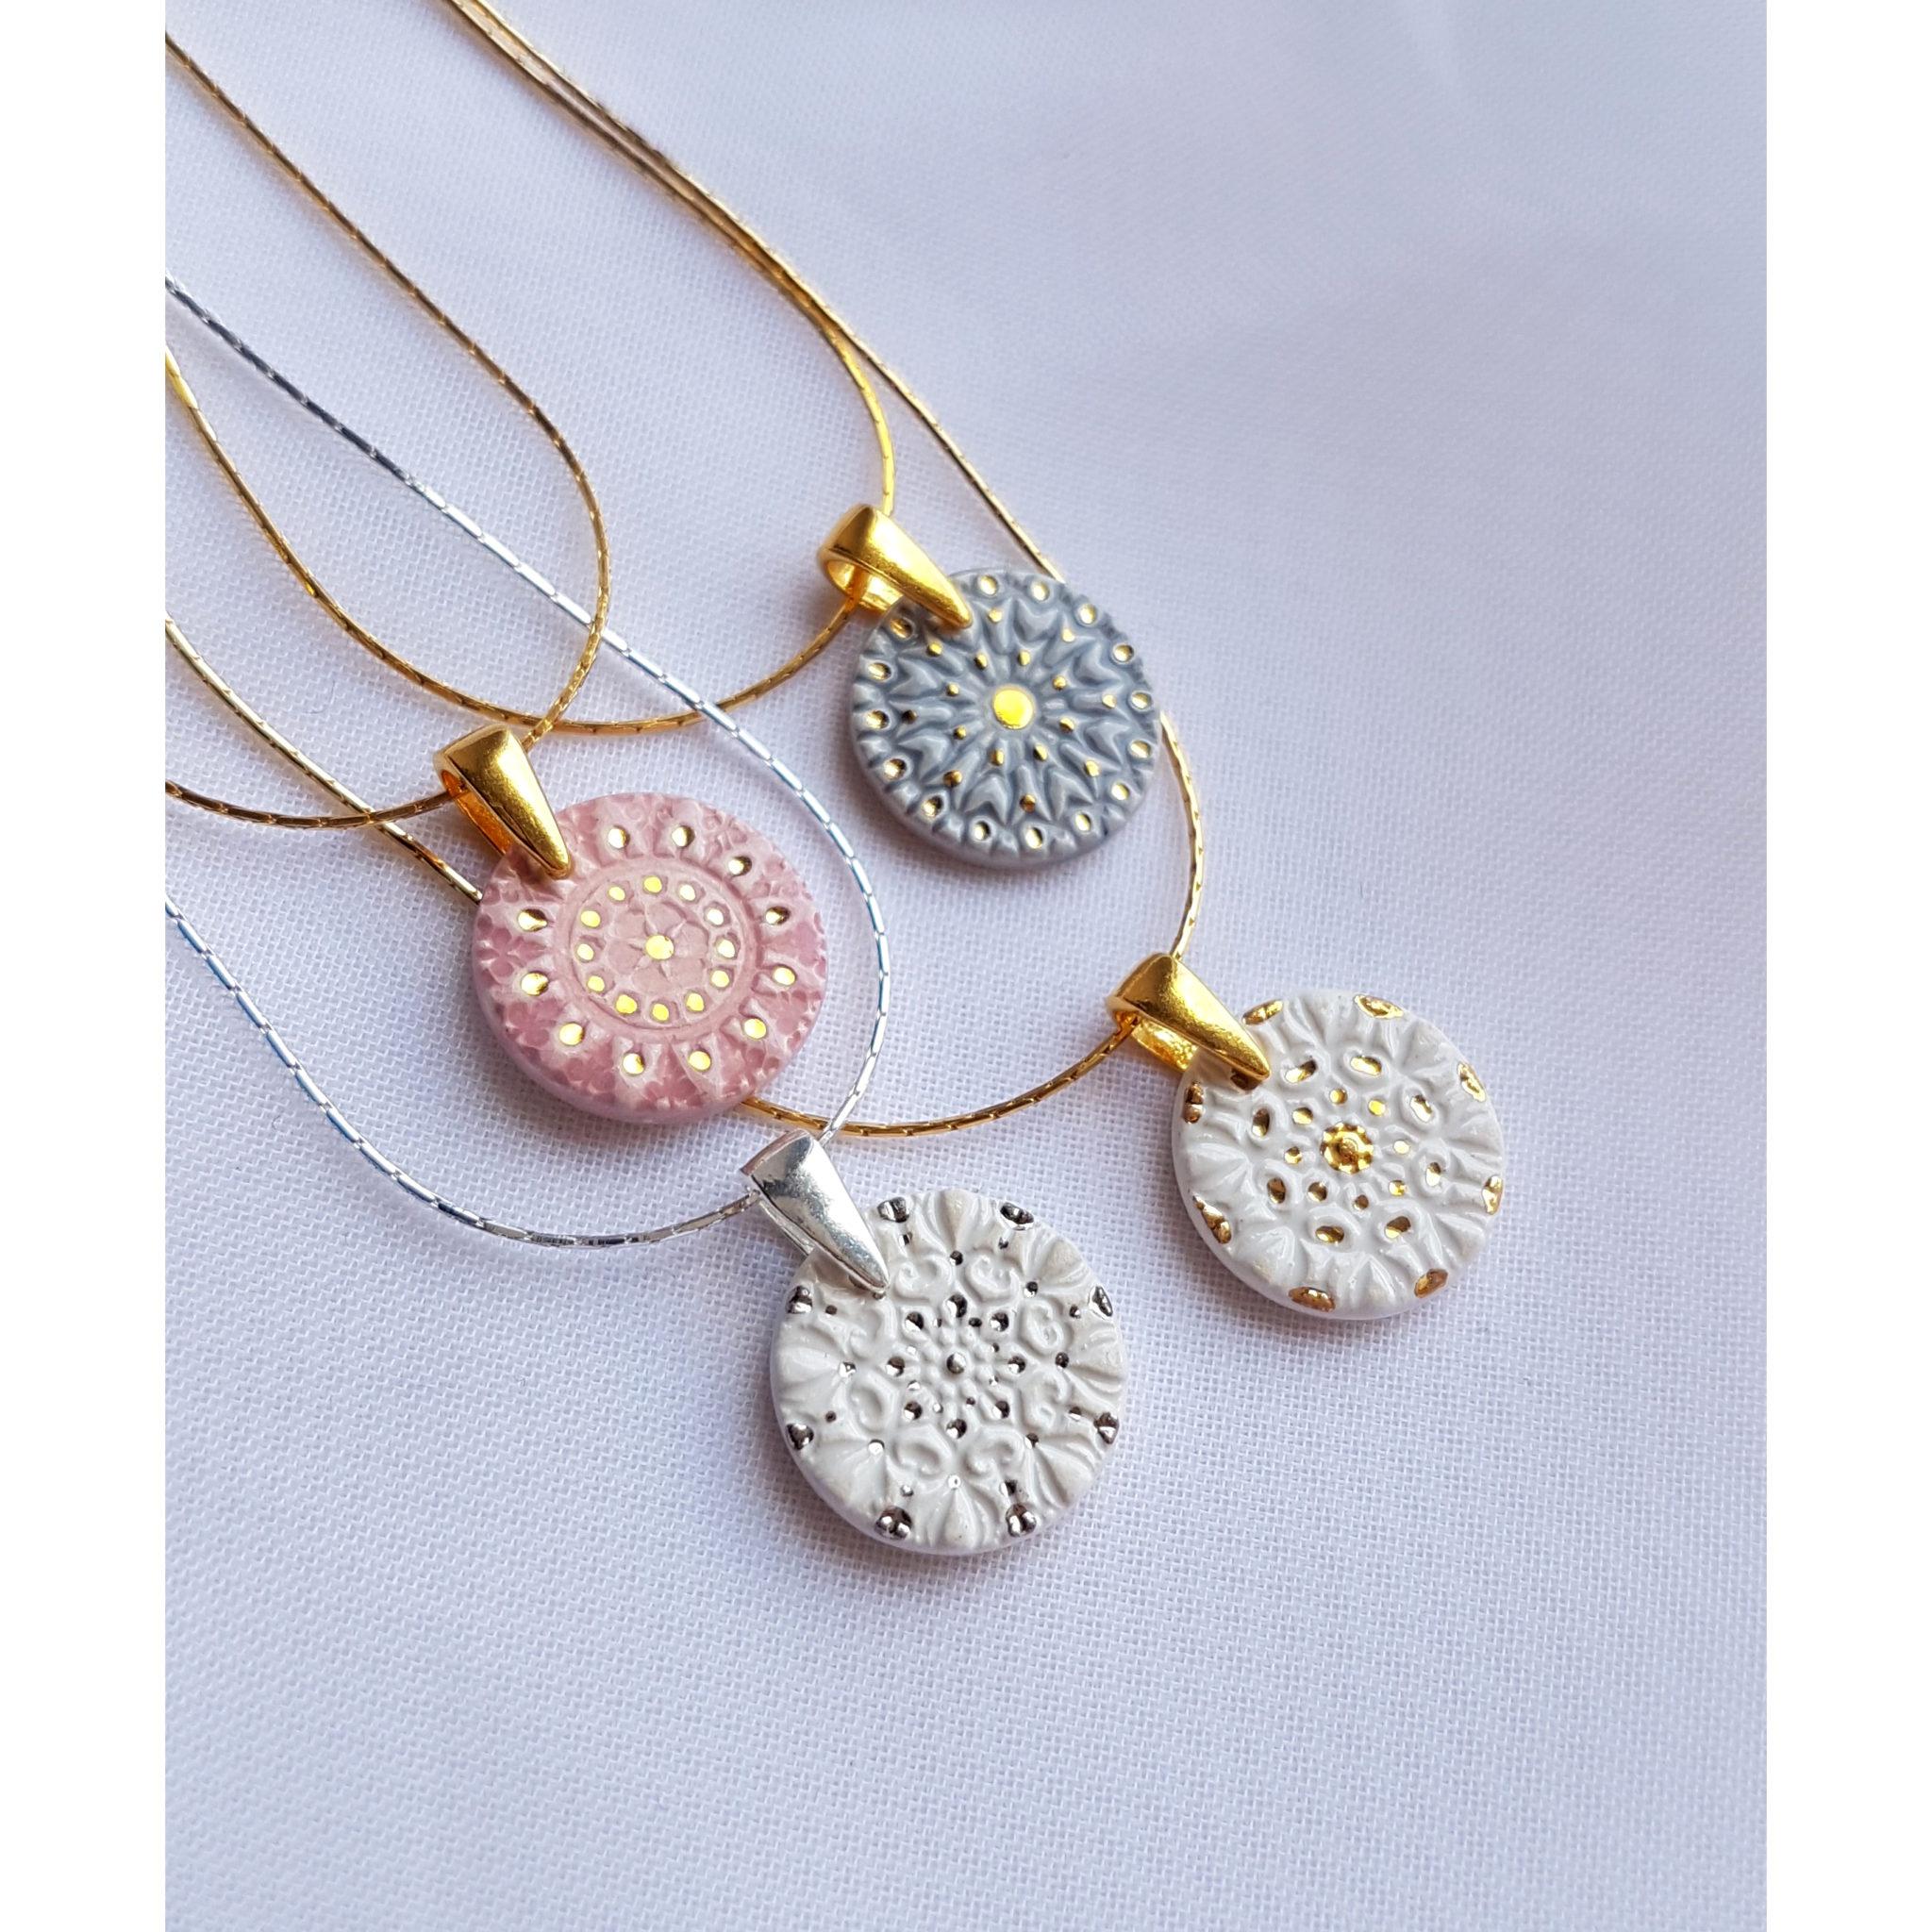 Pastelowe naszyjniki mandala – 3 malowane złotem 1 malowany platyną